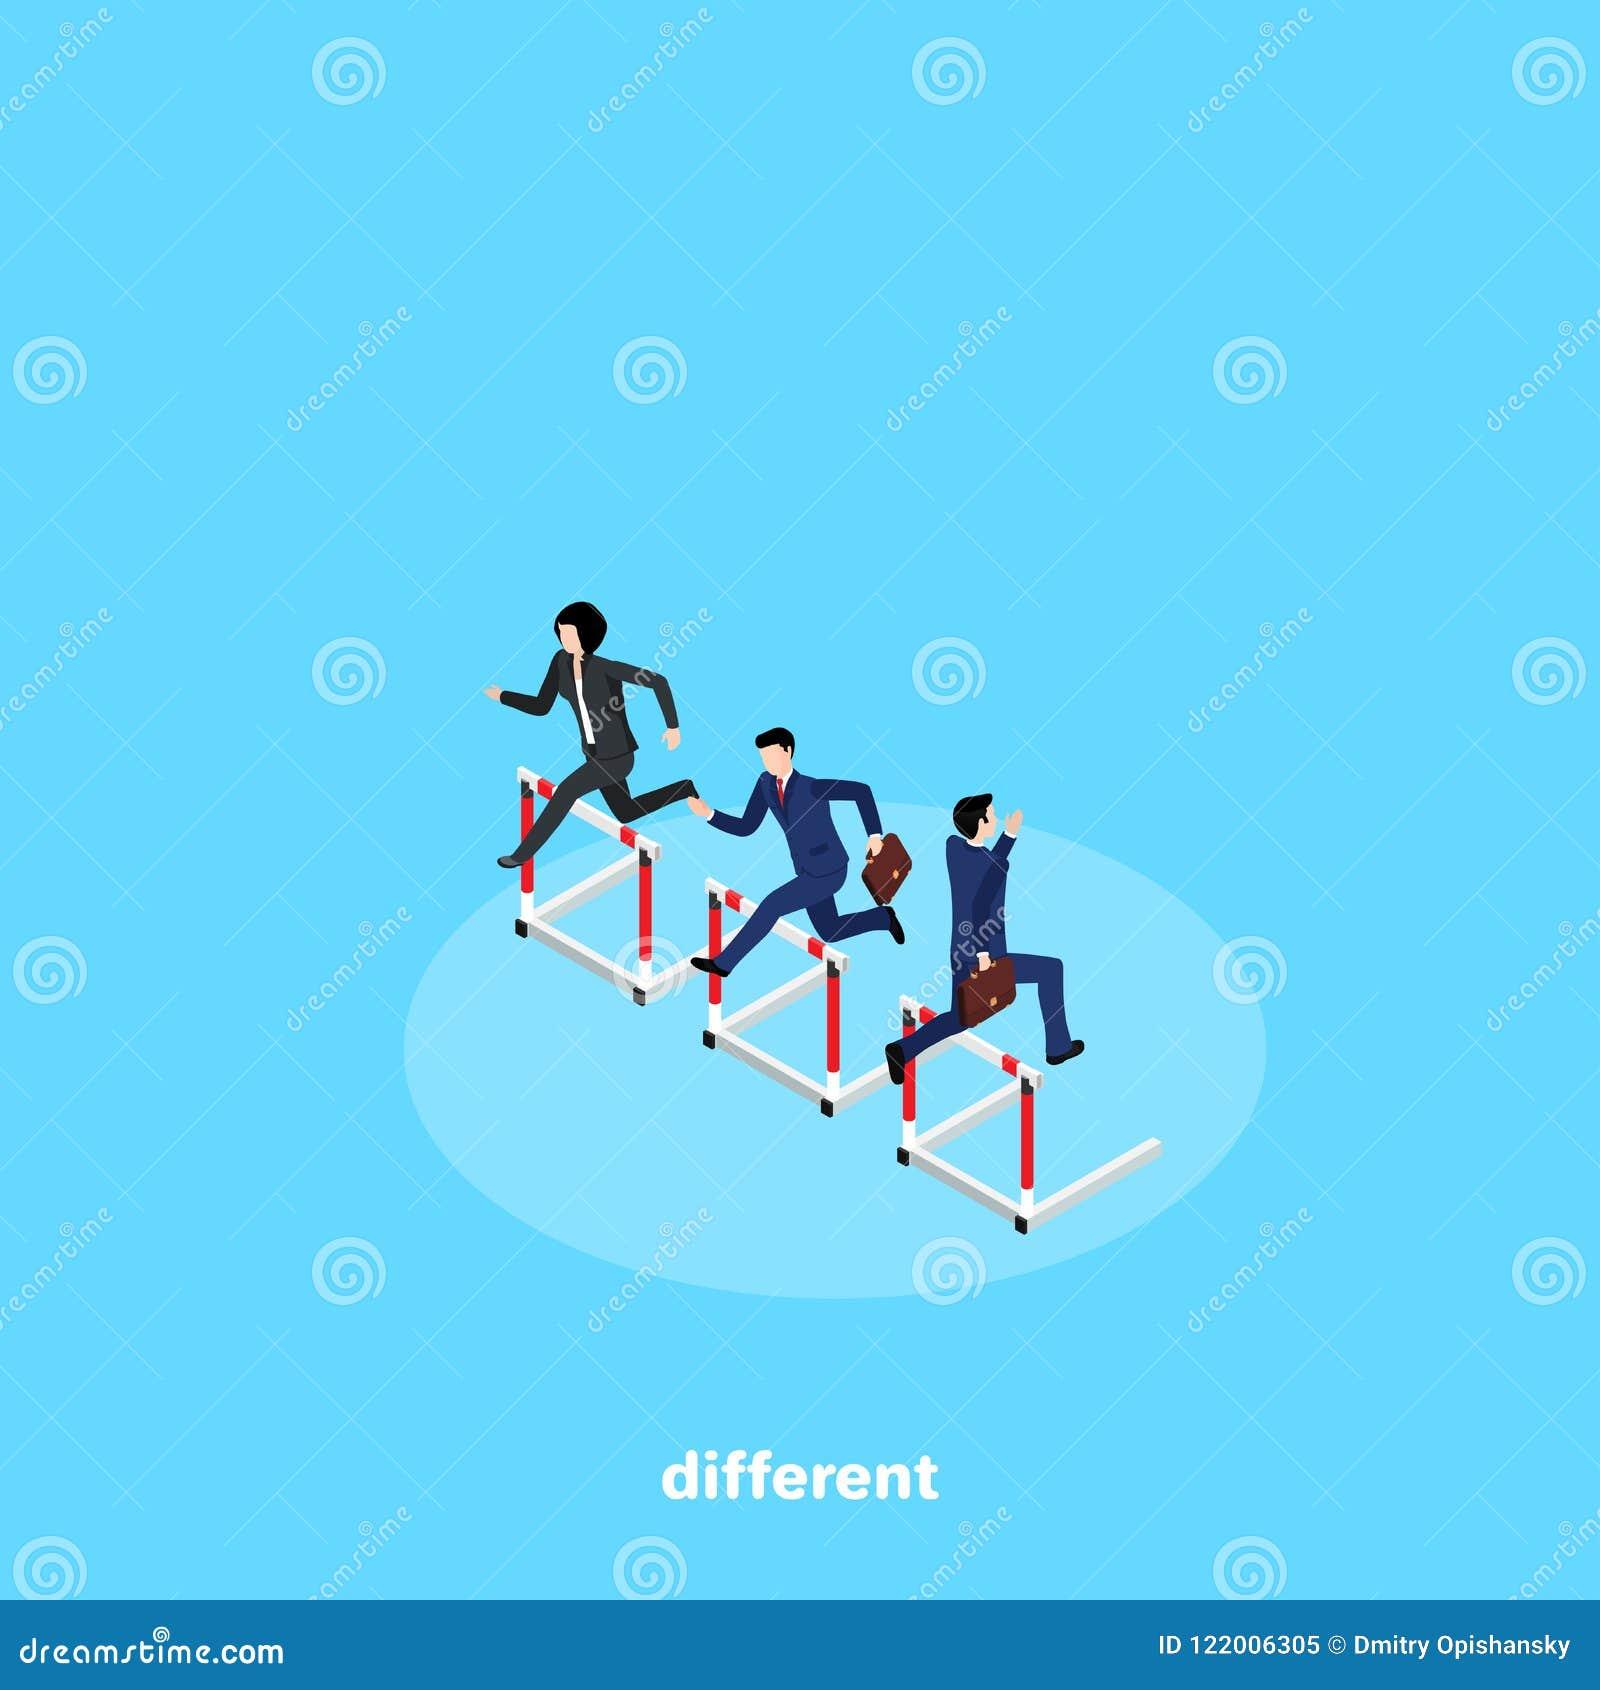 La gente en trajes de negocios compite en el funcionamiento con obstáculos pero corre en diversas direcciones